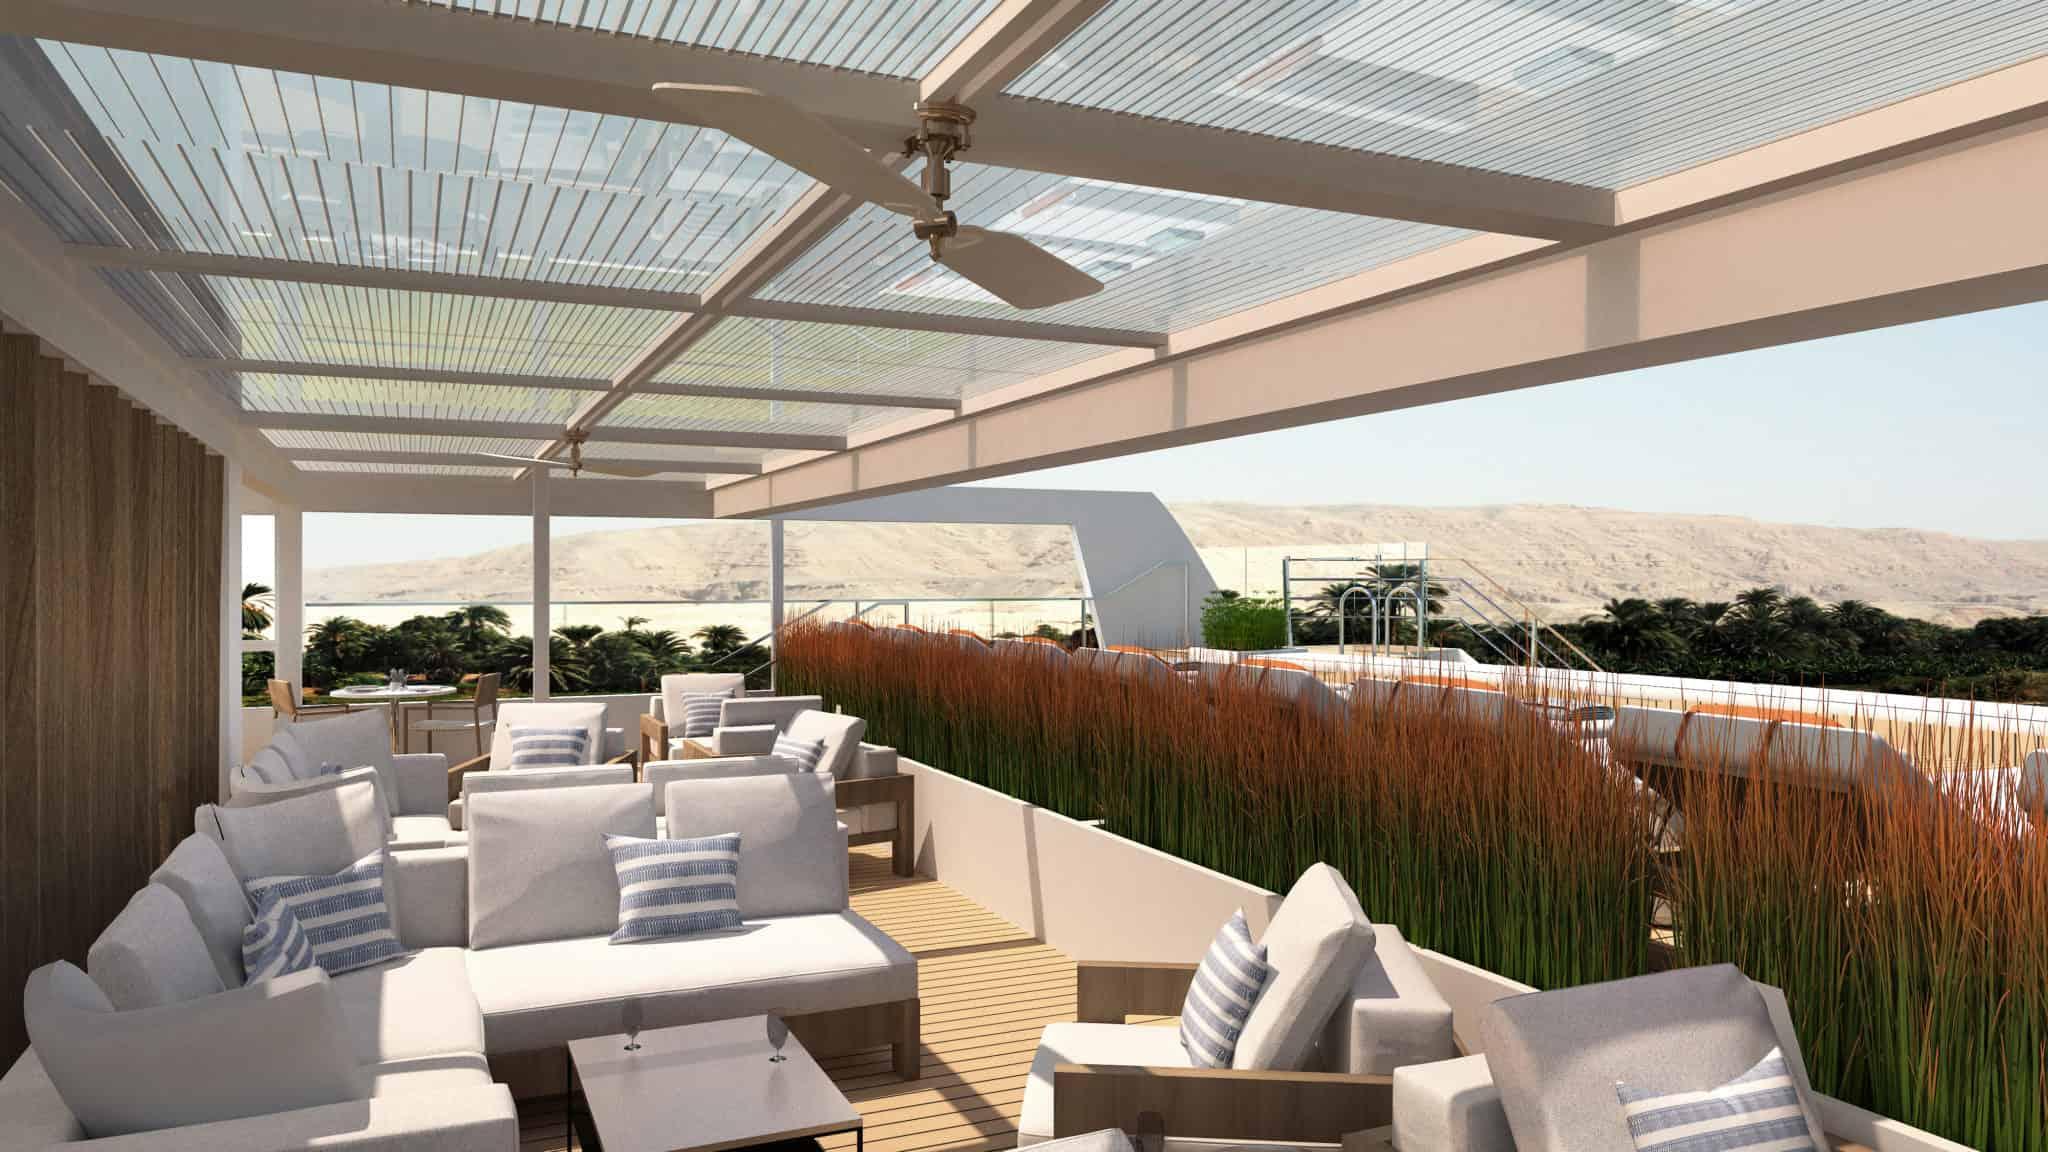 viking aton pool deck rendering